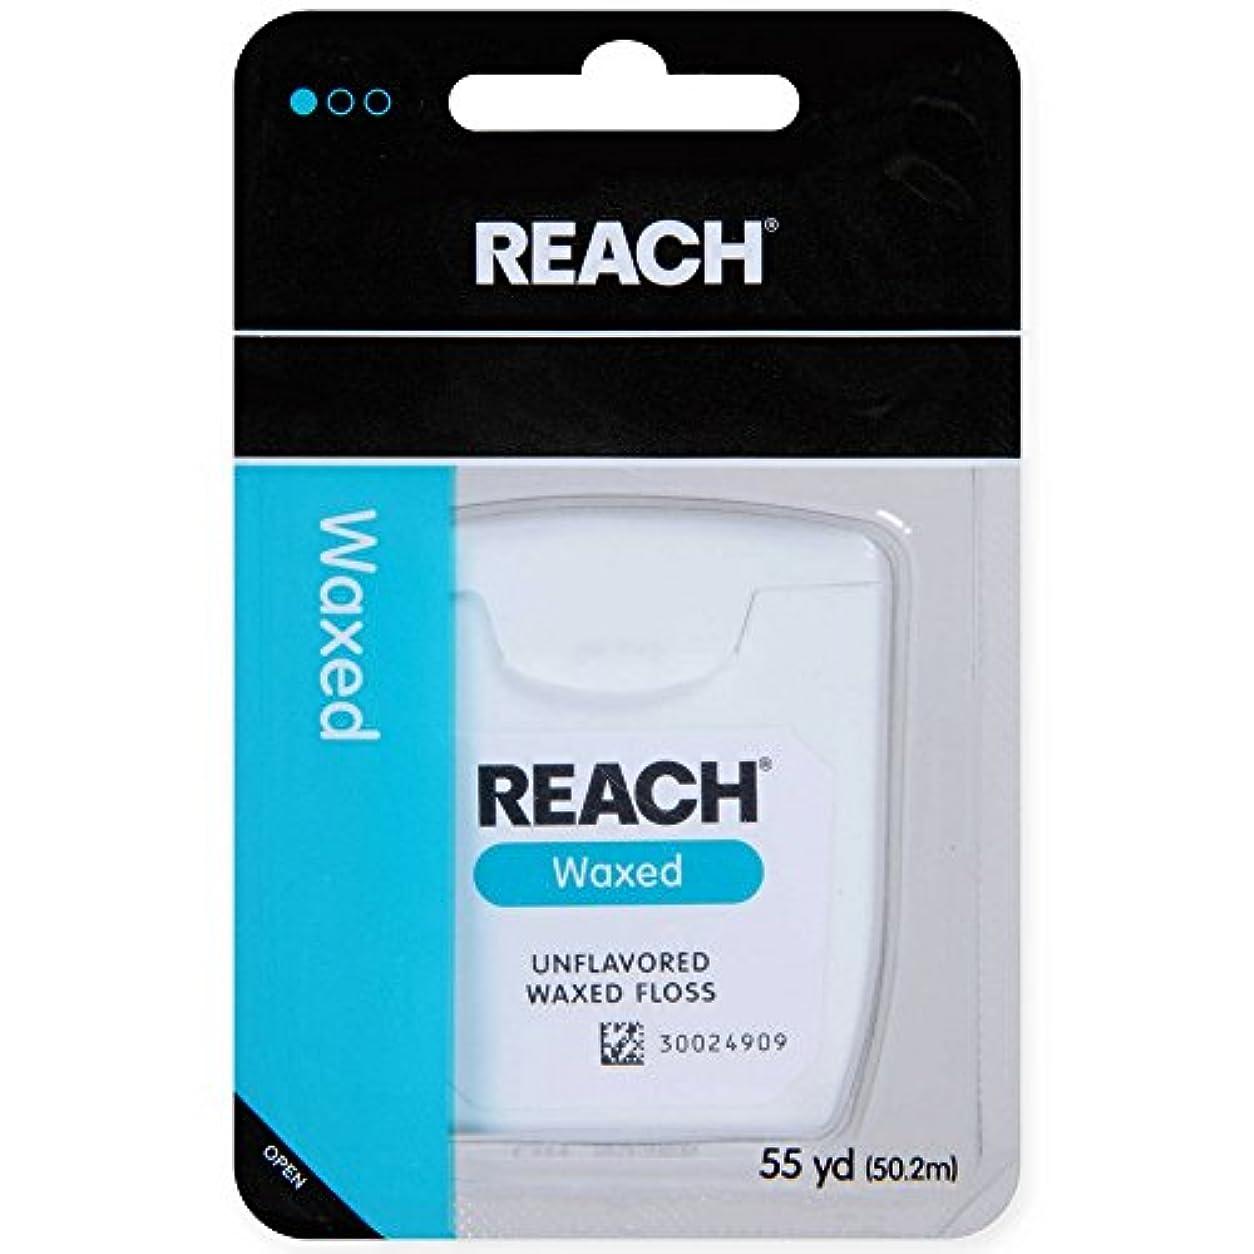 擬人試してみる評決REACH デンタルフロス ワックス?ノンフレーバー